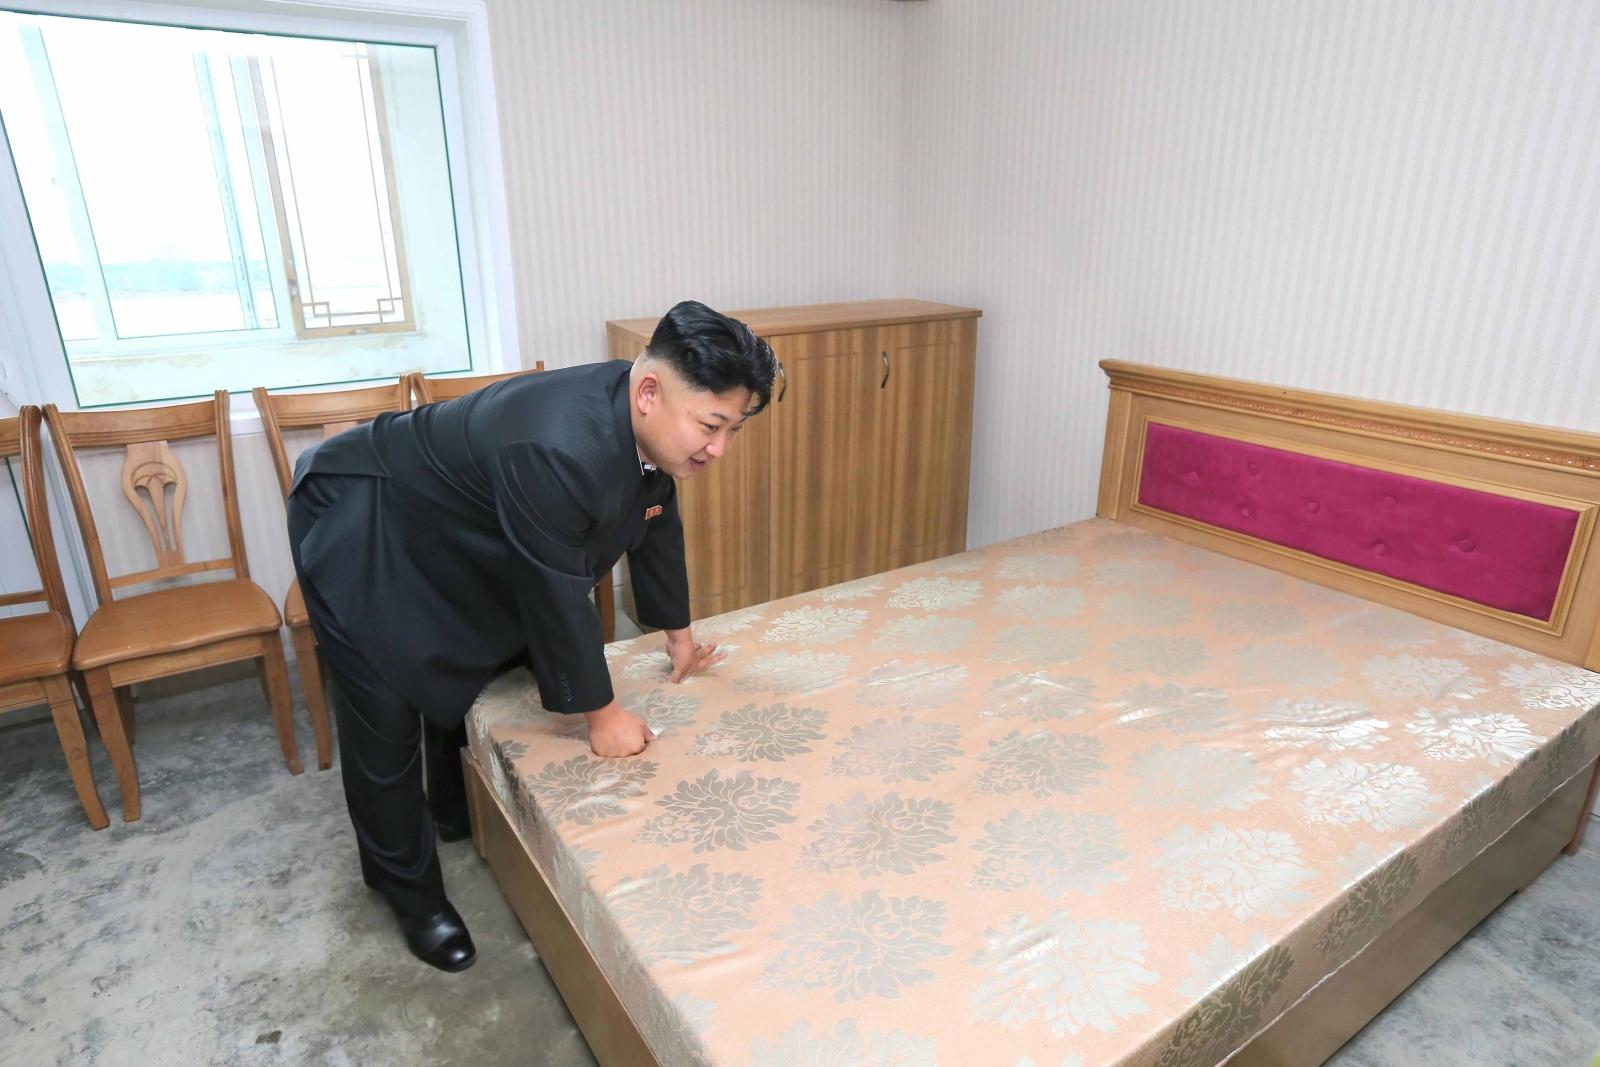 North Korean leader Kim Jong-un not well